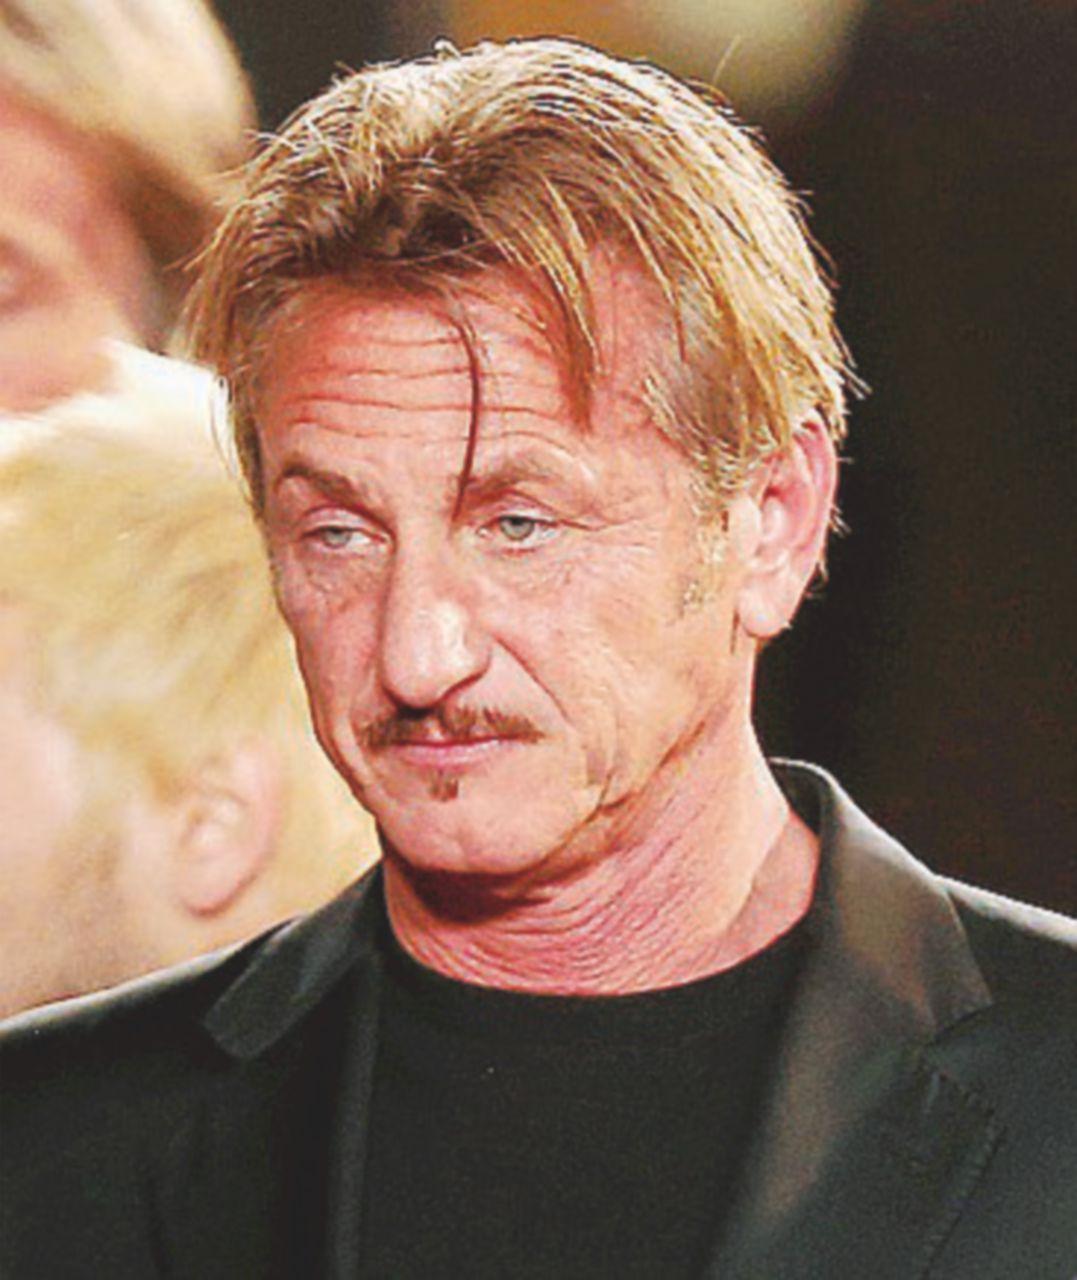 Bruni Tedeschi torna alla regia, Sean Penn sarà presidente (in tv)